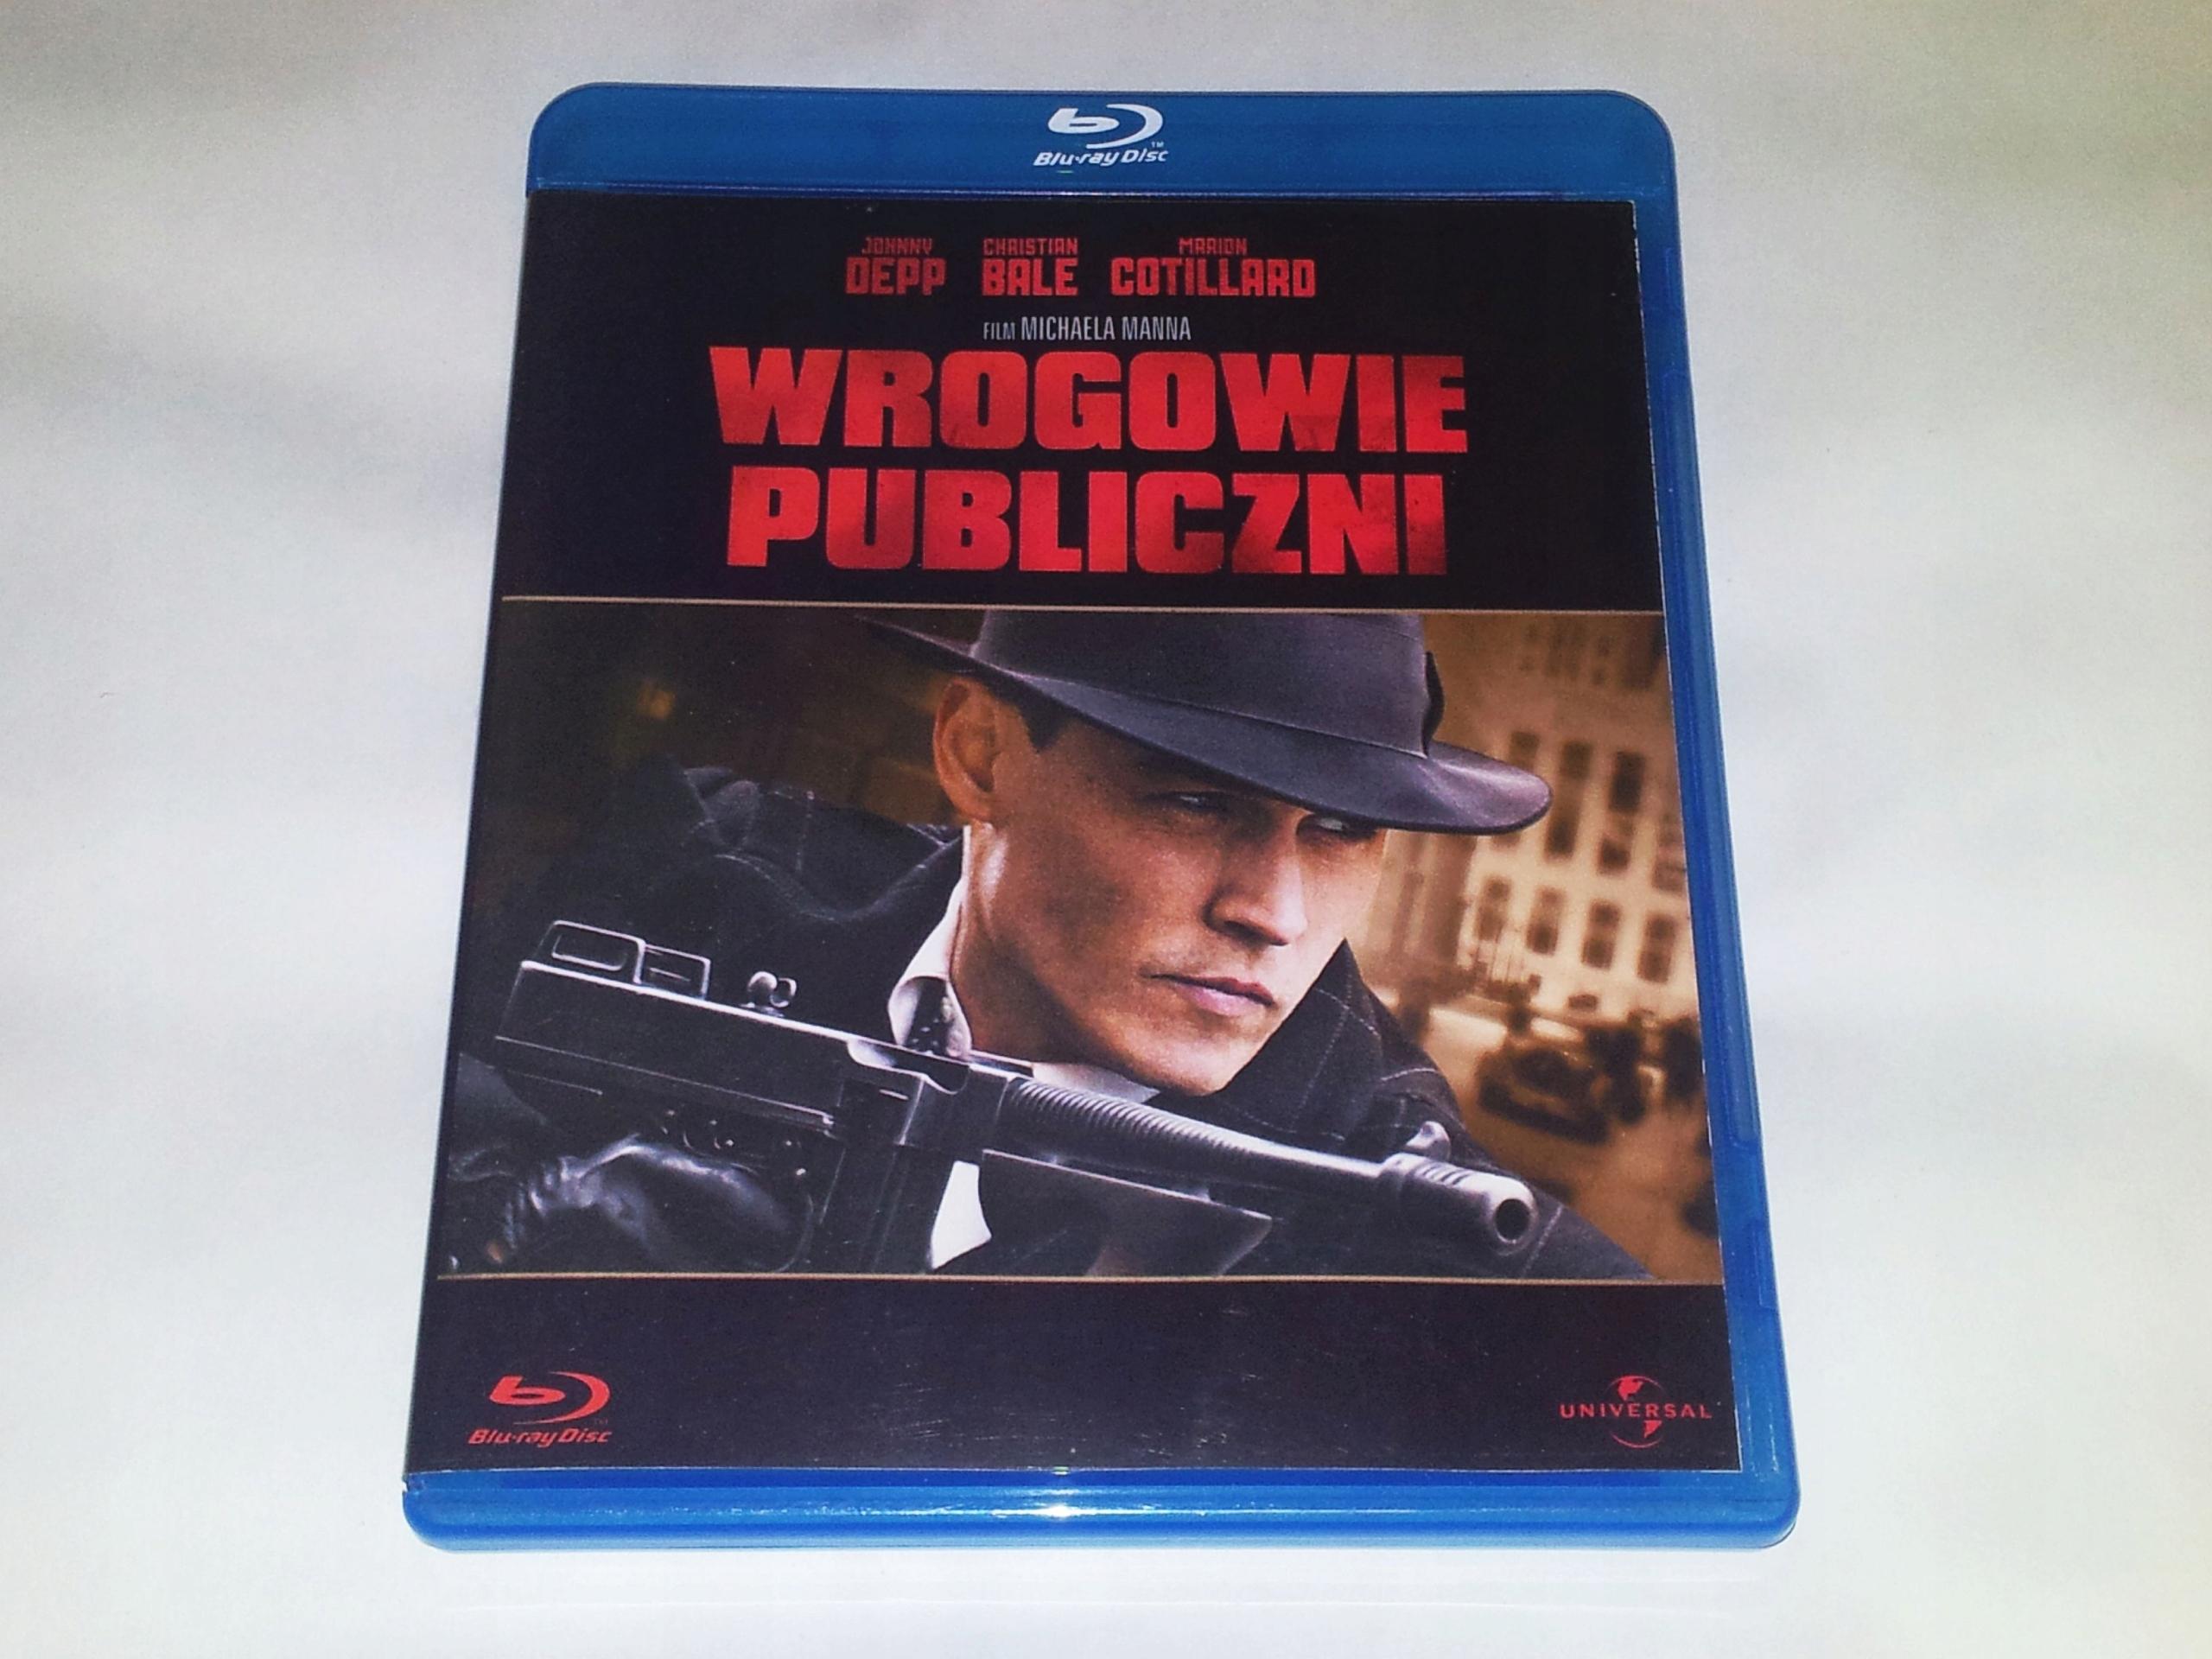 Wrogowie Publiczni - Blu-ray - PL - Johnny Depp